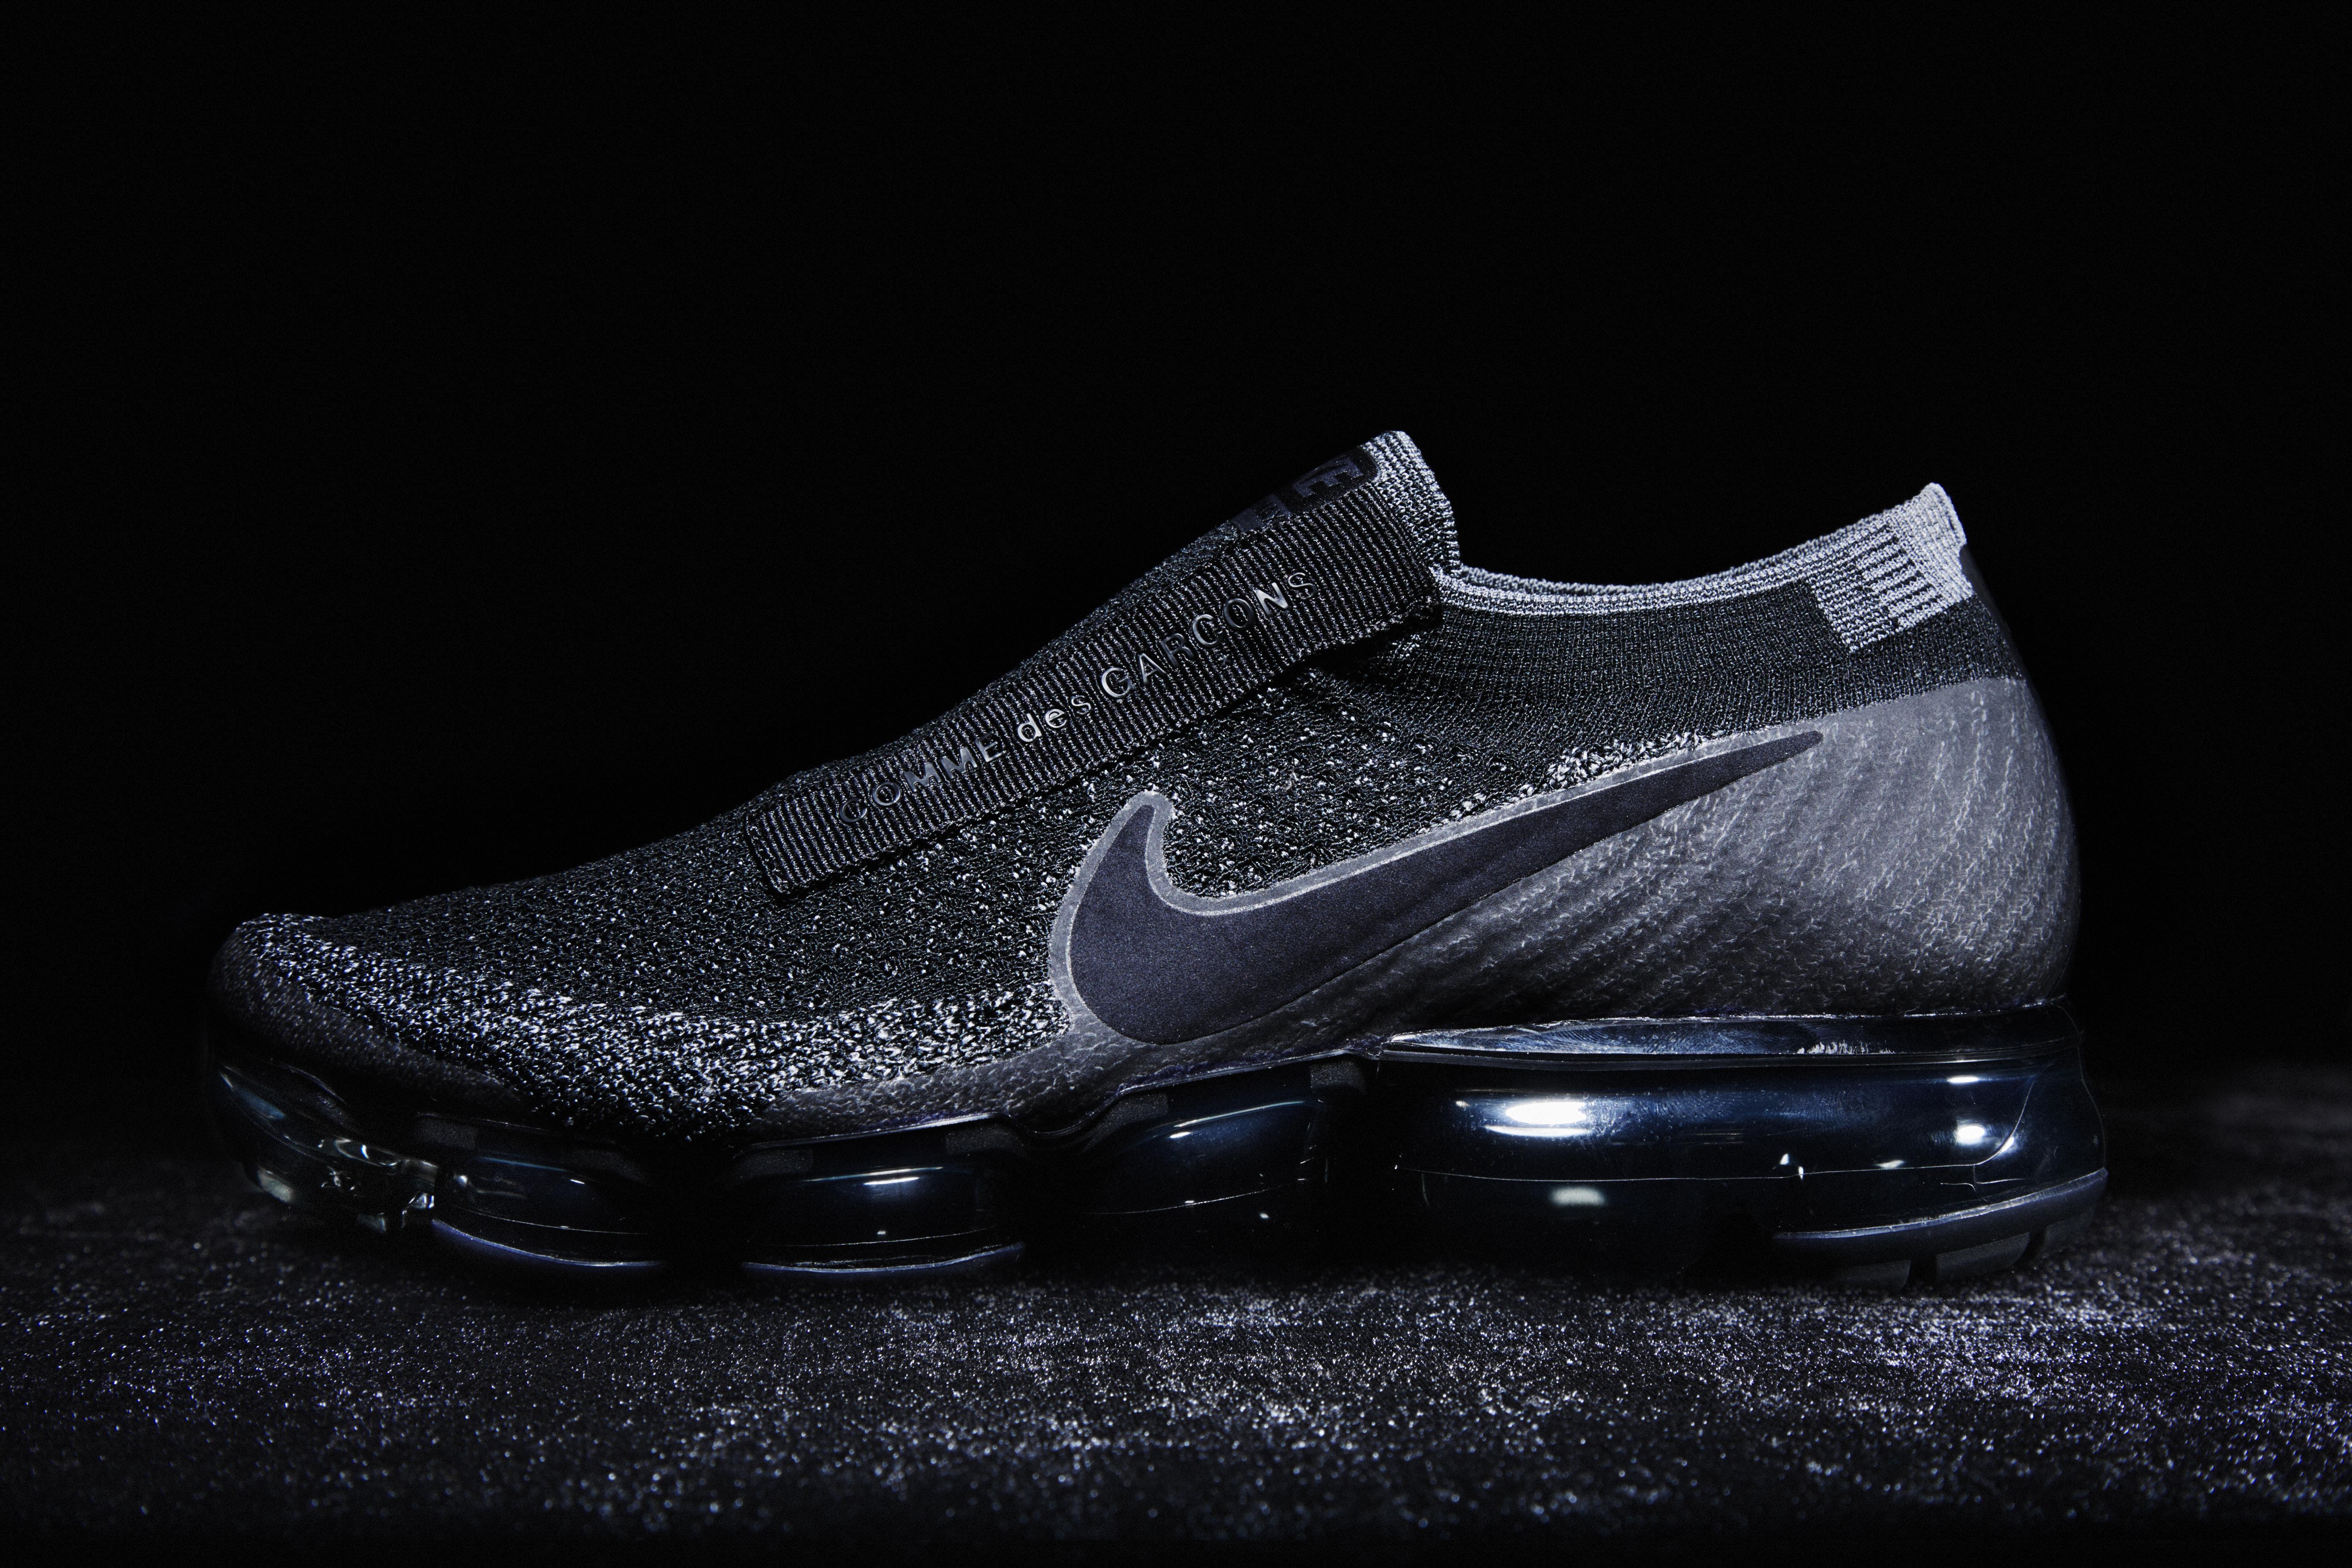 f1a2da8c9d5 Skon kommer i svart och vitt och släpps i början av 2017.  Nike_VaporMax_for_Comme_des_Garcons_4_original  Nike_VaporMax_for_Comme_des_Garcons_7_original